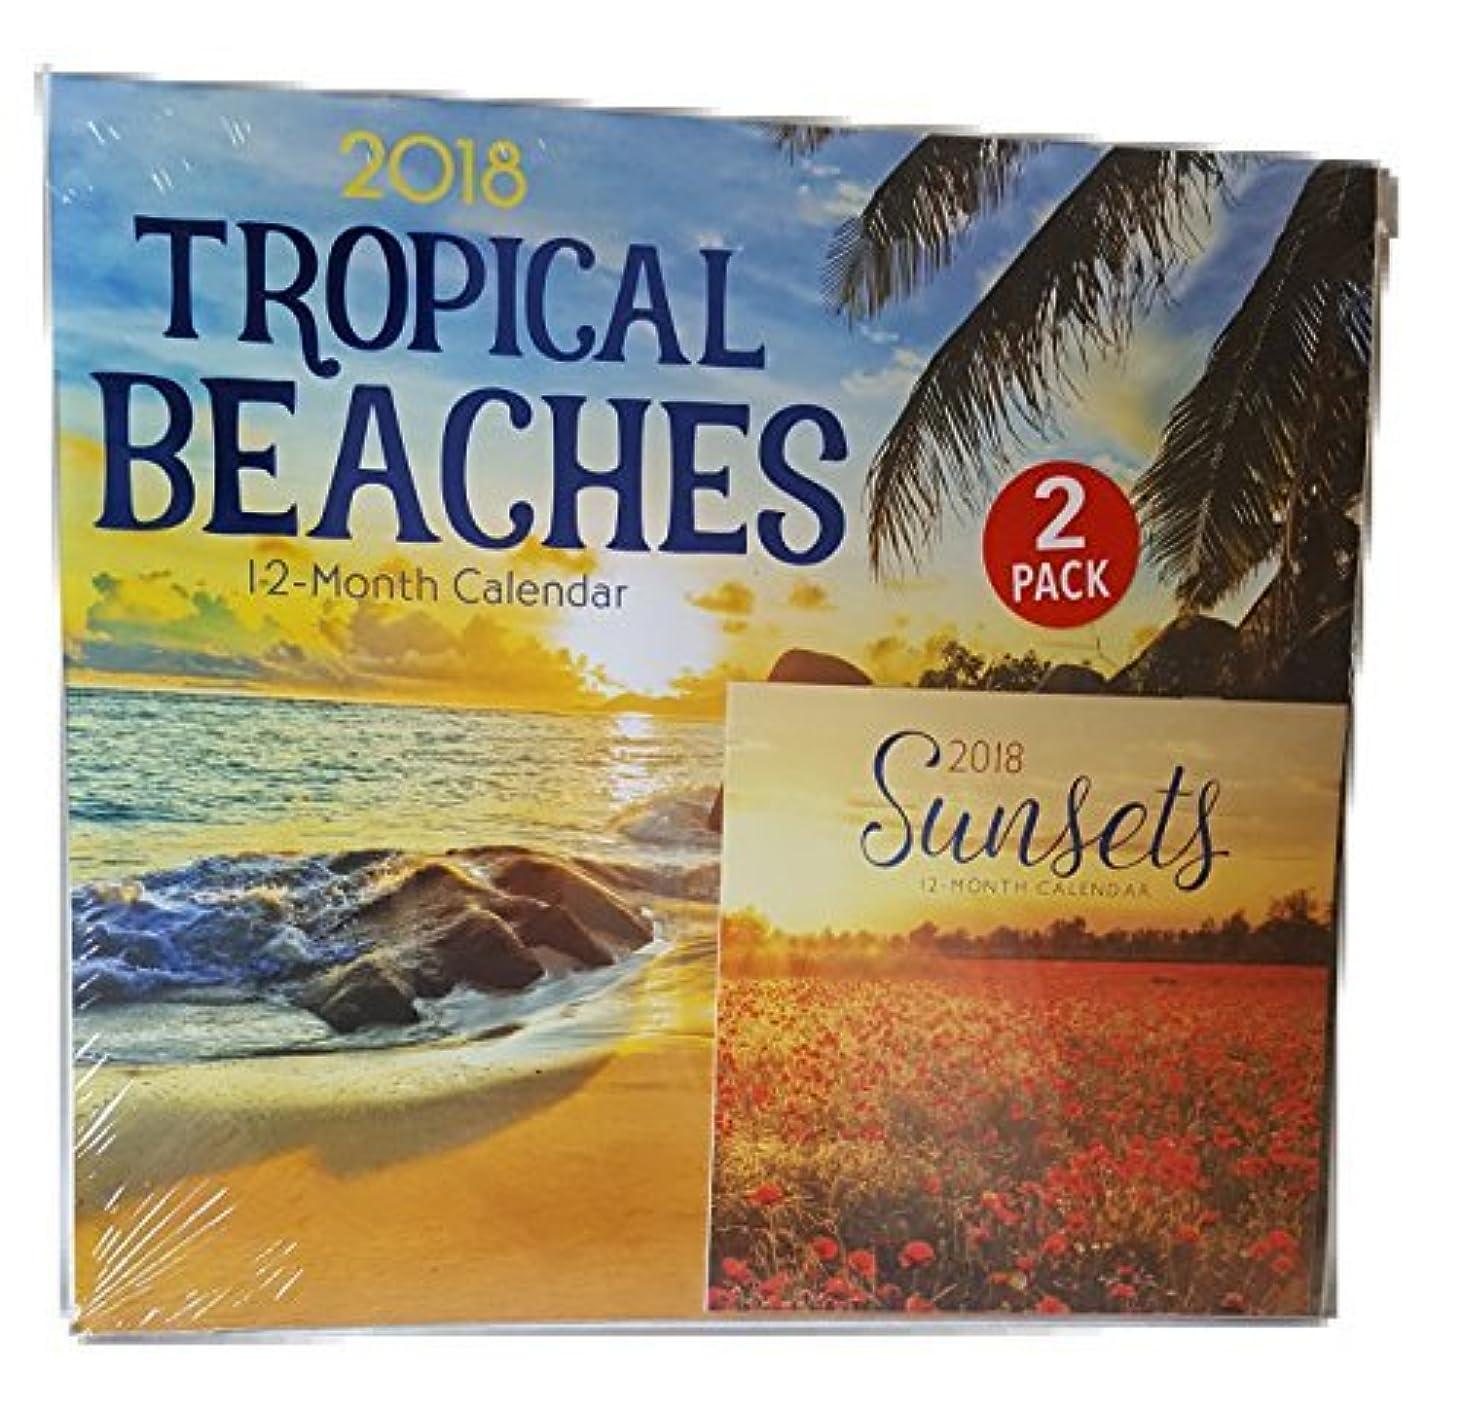 ノイズ鮫ミトン2018 Tropical Beaches 12-Month Wall Calendar with Mini Cal endar 2pcs Gift Set [並行輸入品]